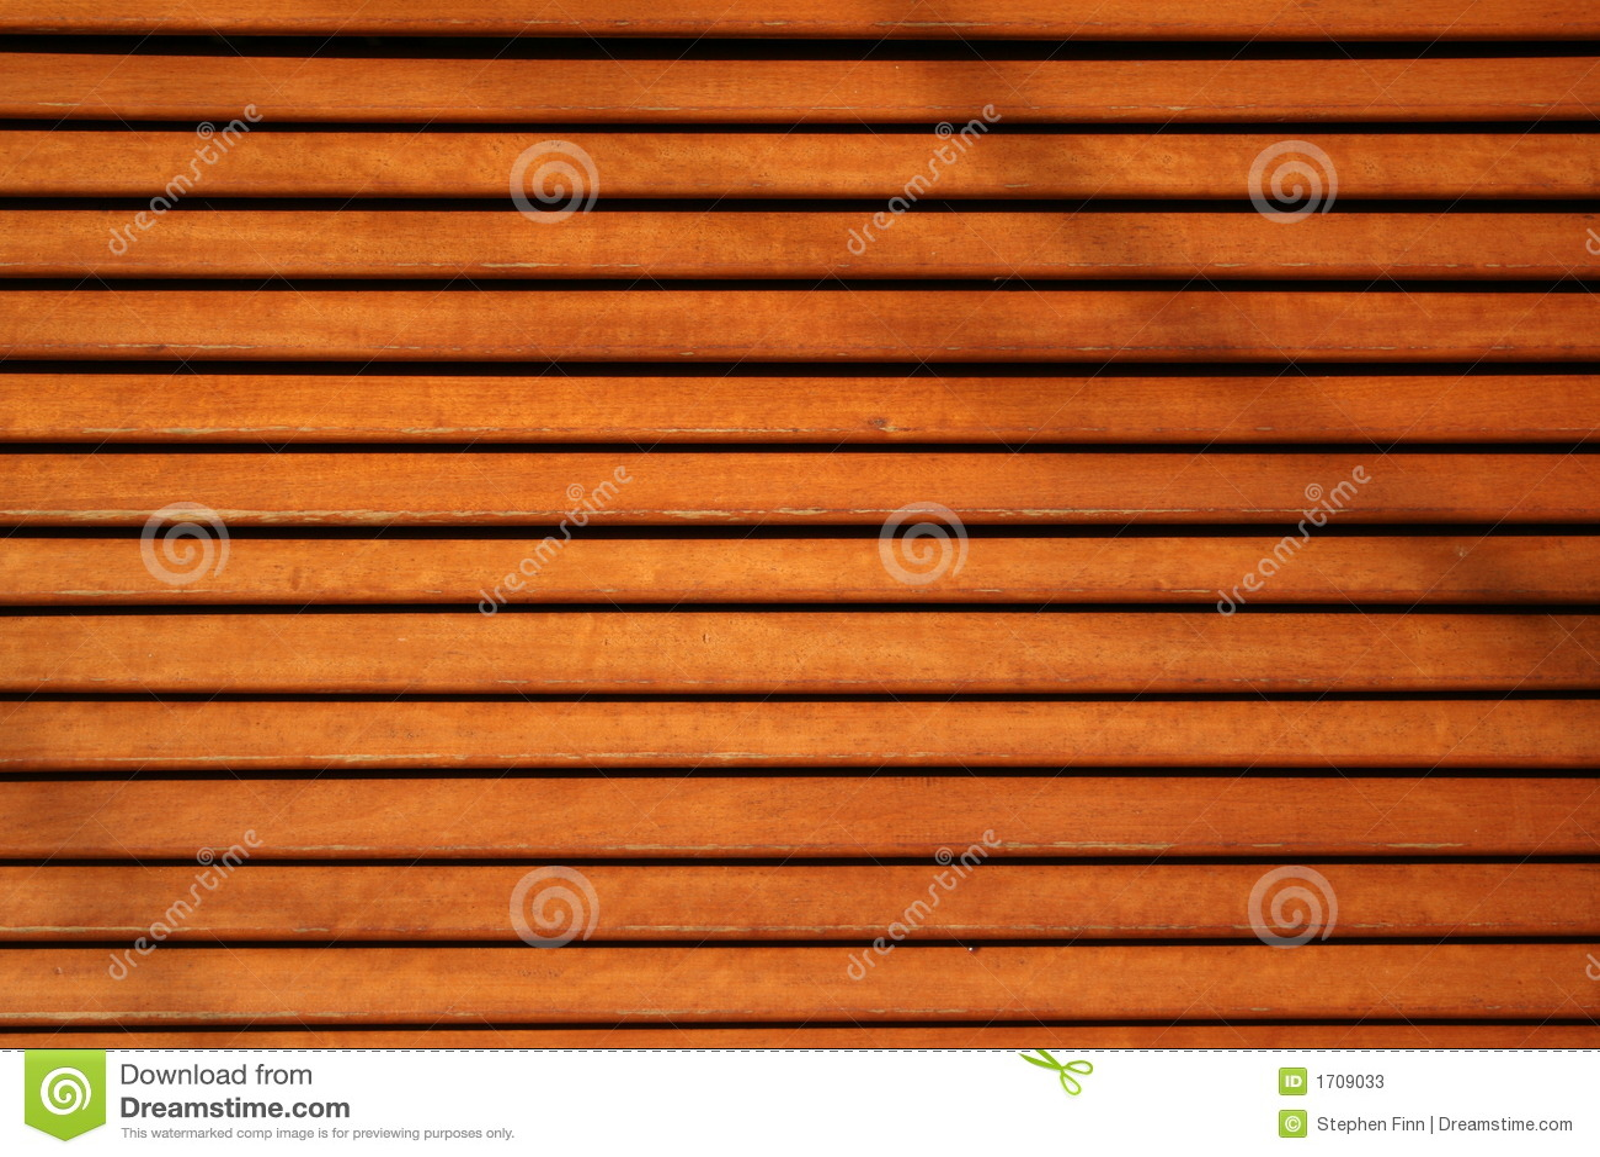 Fondo de madera de los listones fotos de archivo imagen - Precio listones madera ...